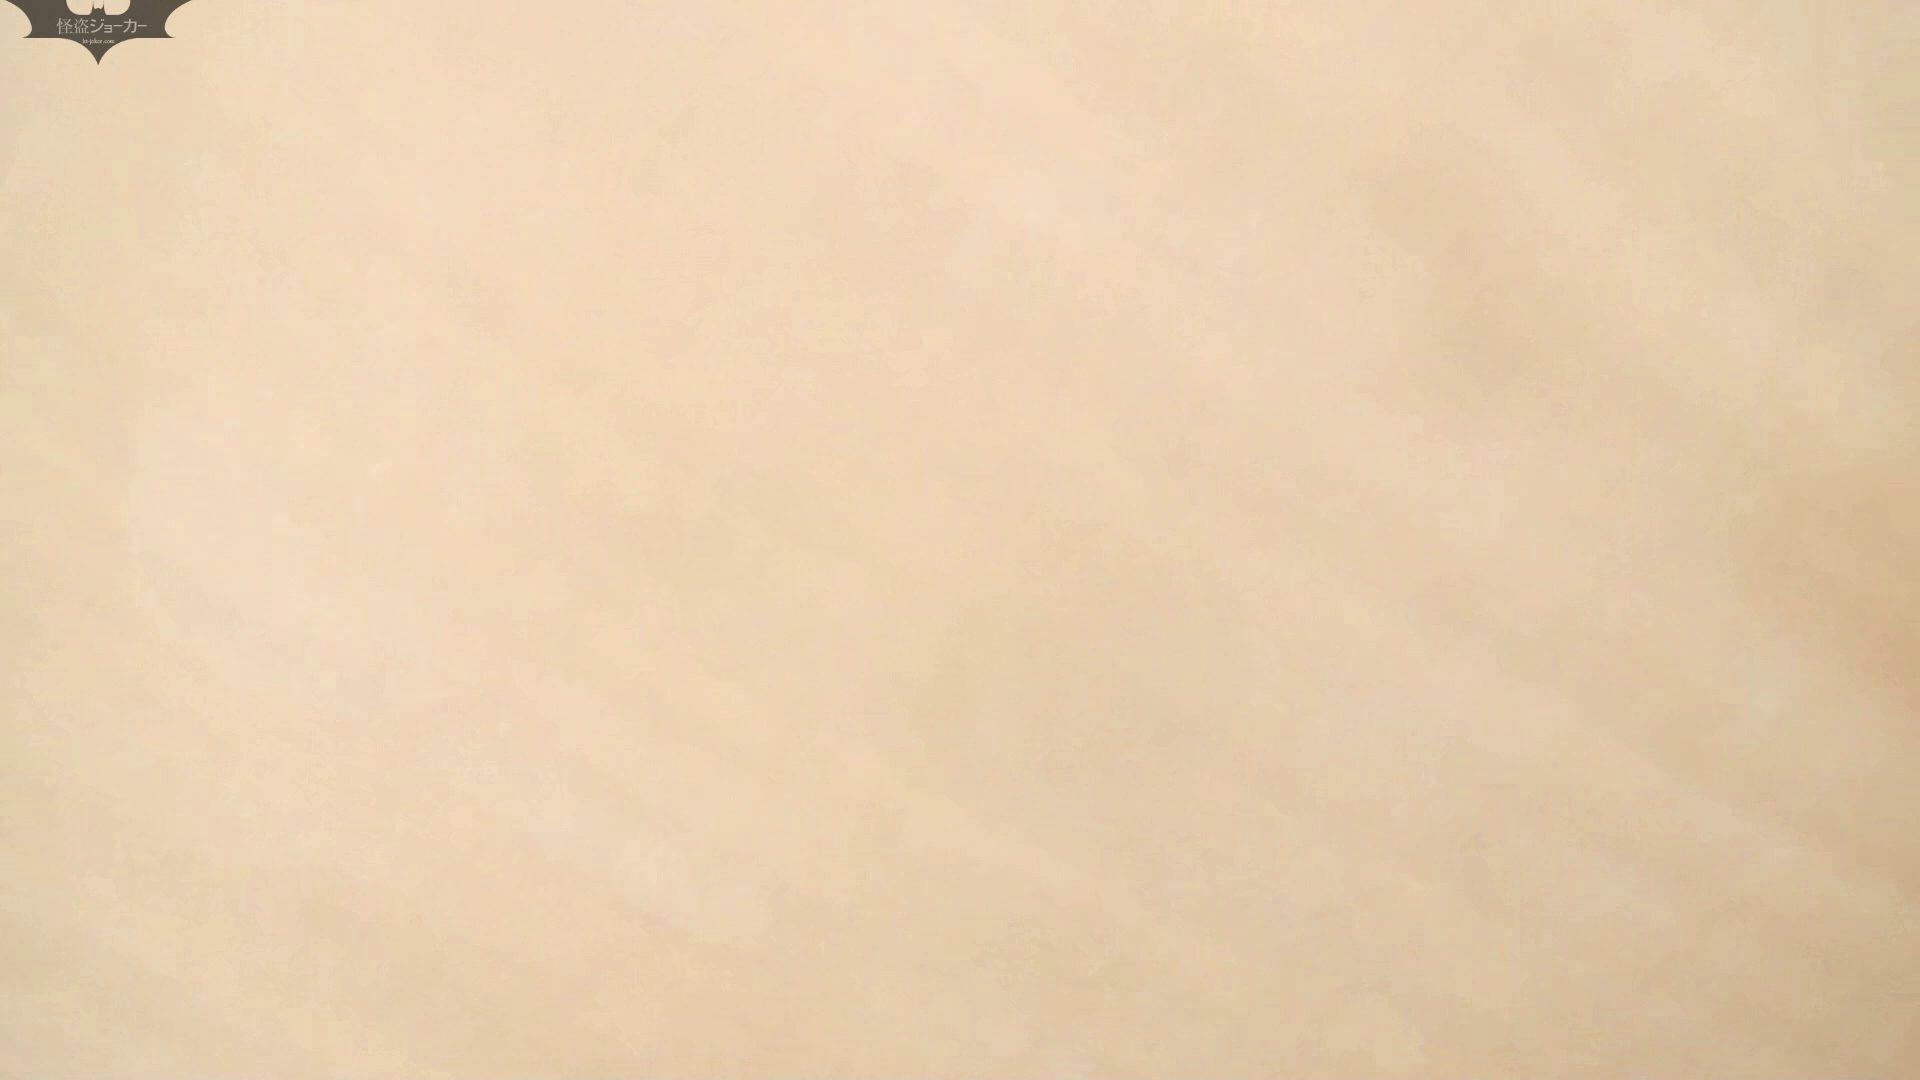 阿国ちゃんの和式洋式七変化 Vol.24 すっごくピクピクしてます。 洗面所  64PIX 11